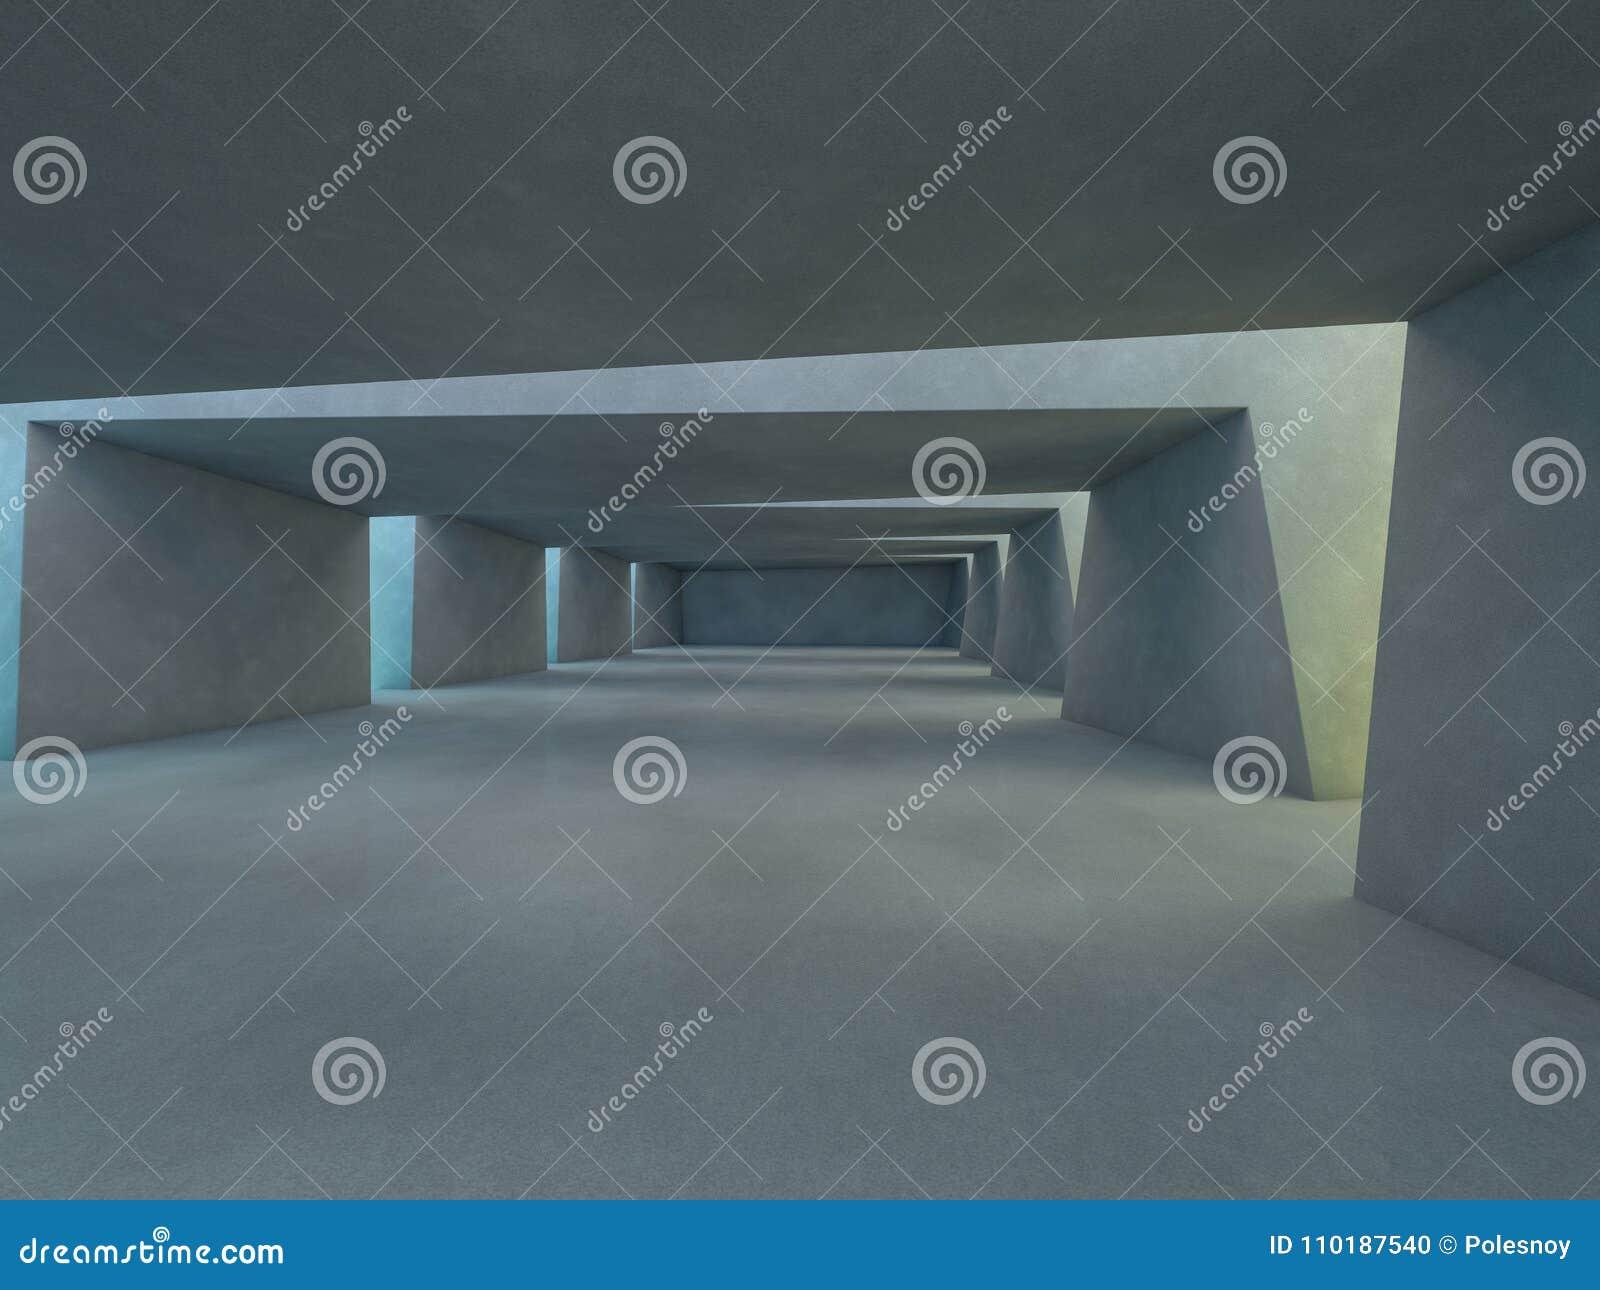 抽象现代建筑学背景 3d翻译